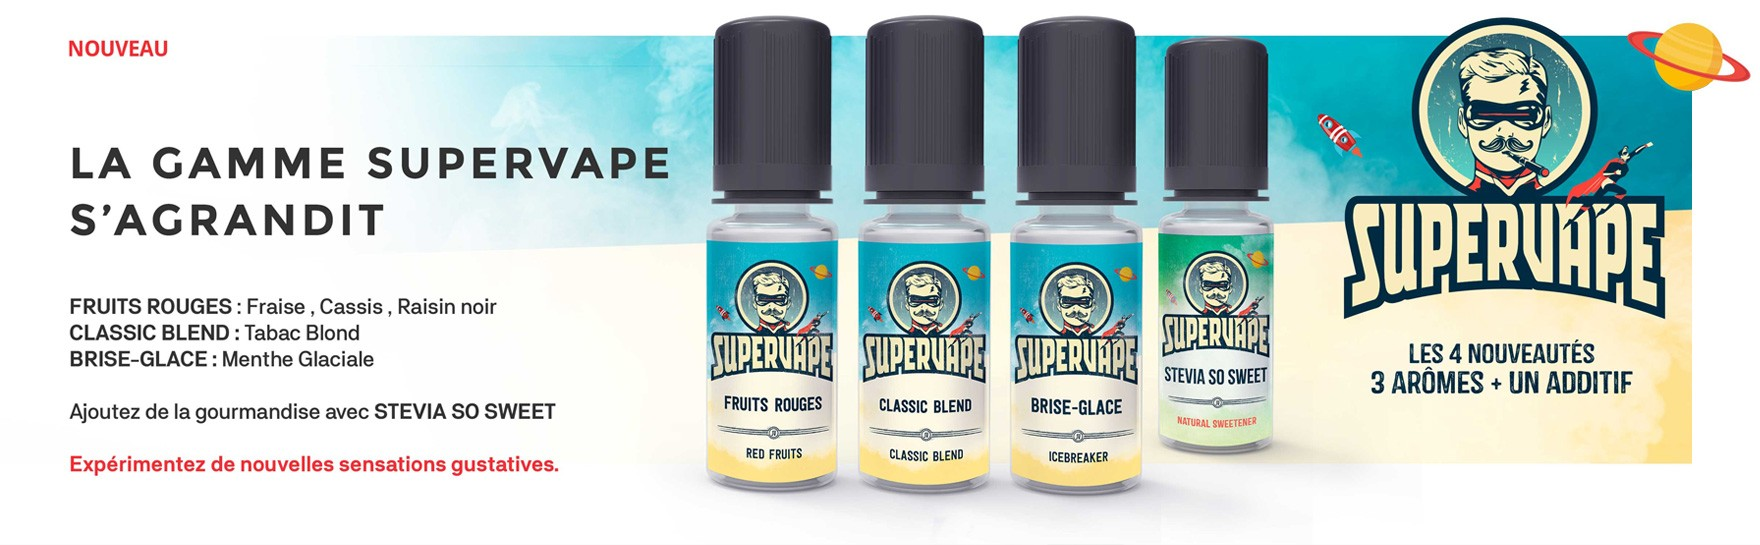 Nouveaux arômes Supervape